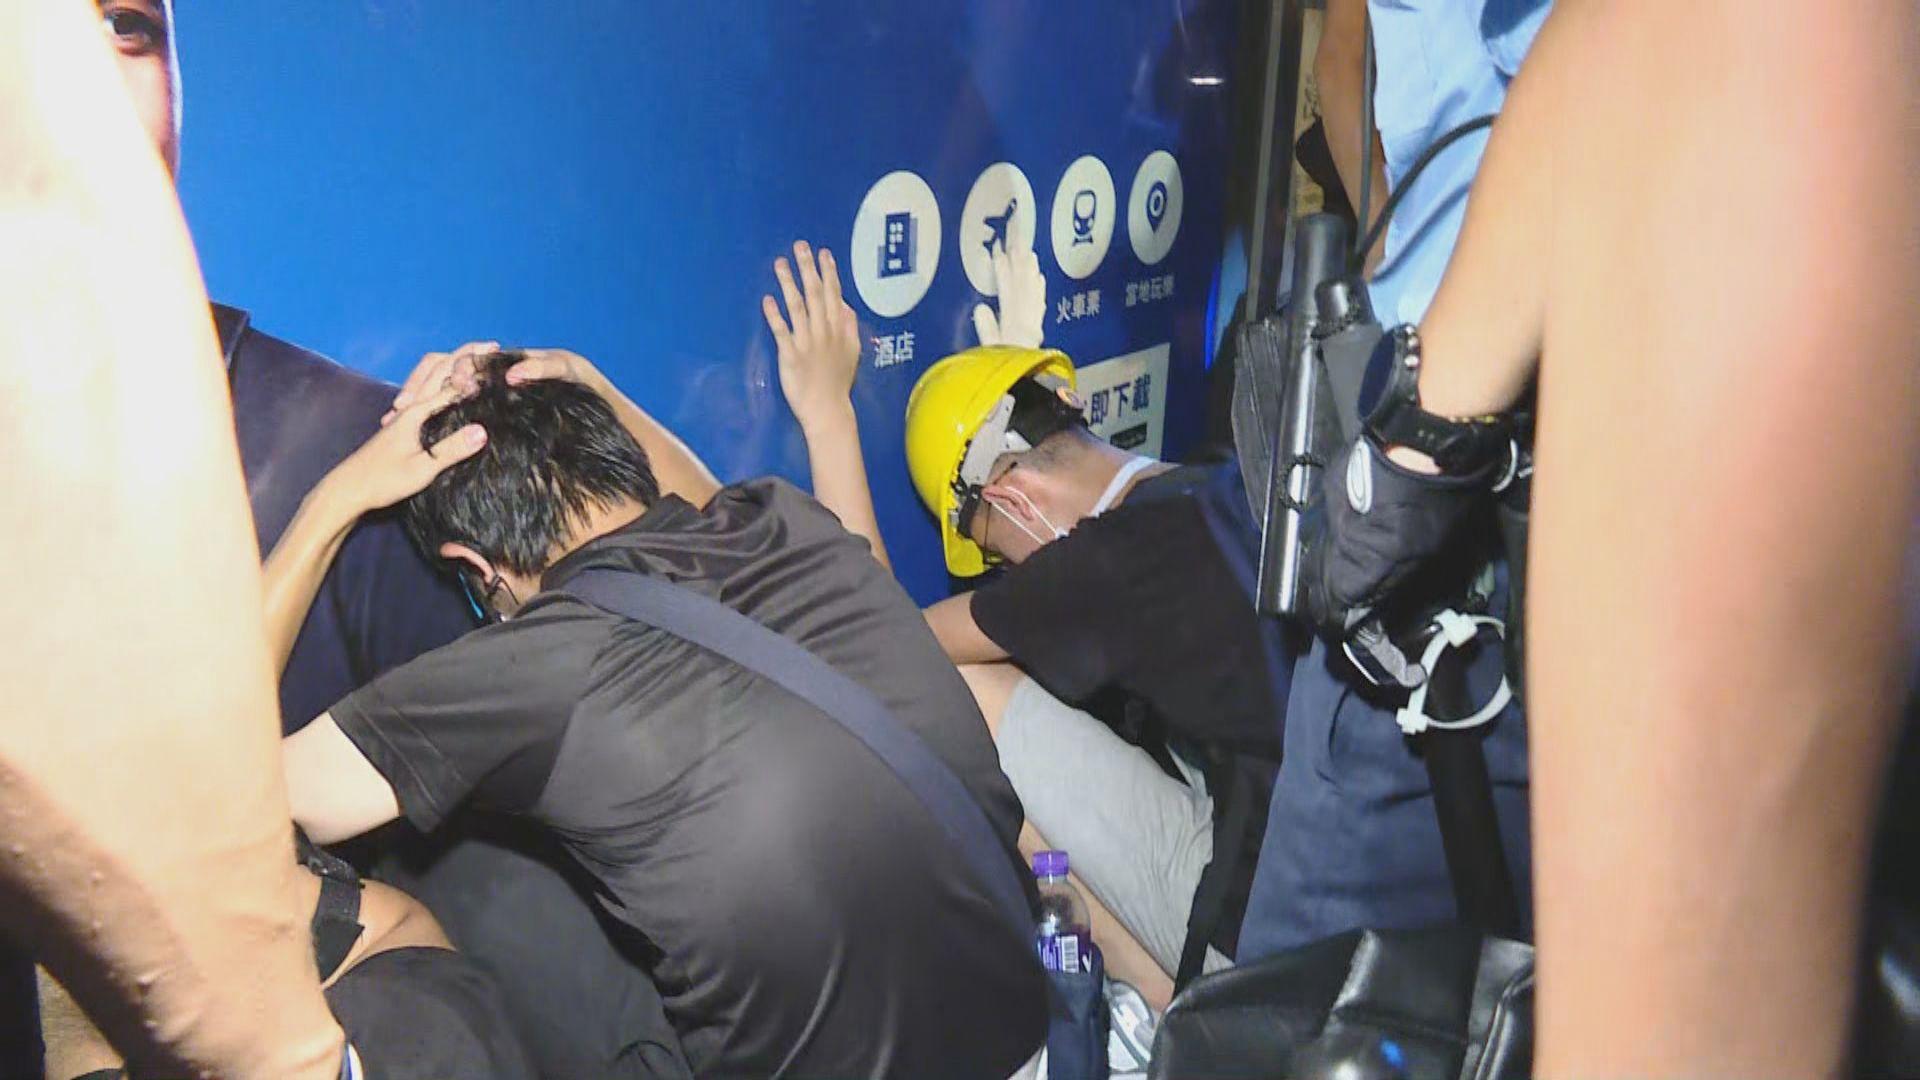 警方凌晨清場驅散警總示威者 一涉襲警被捕